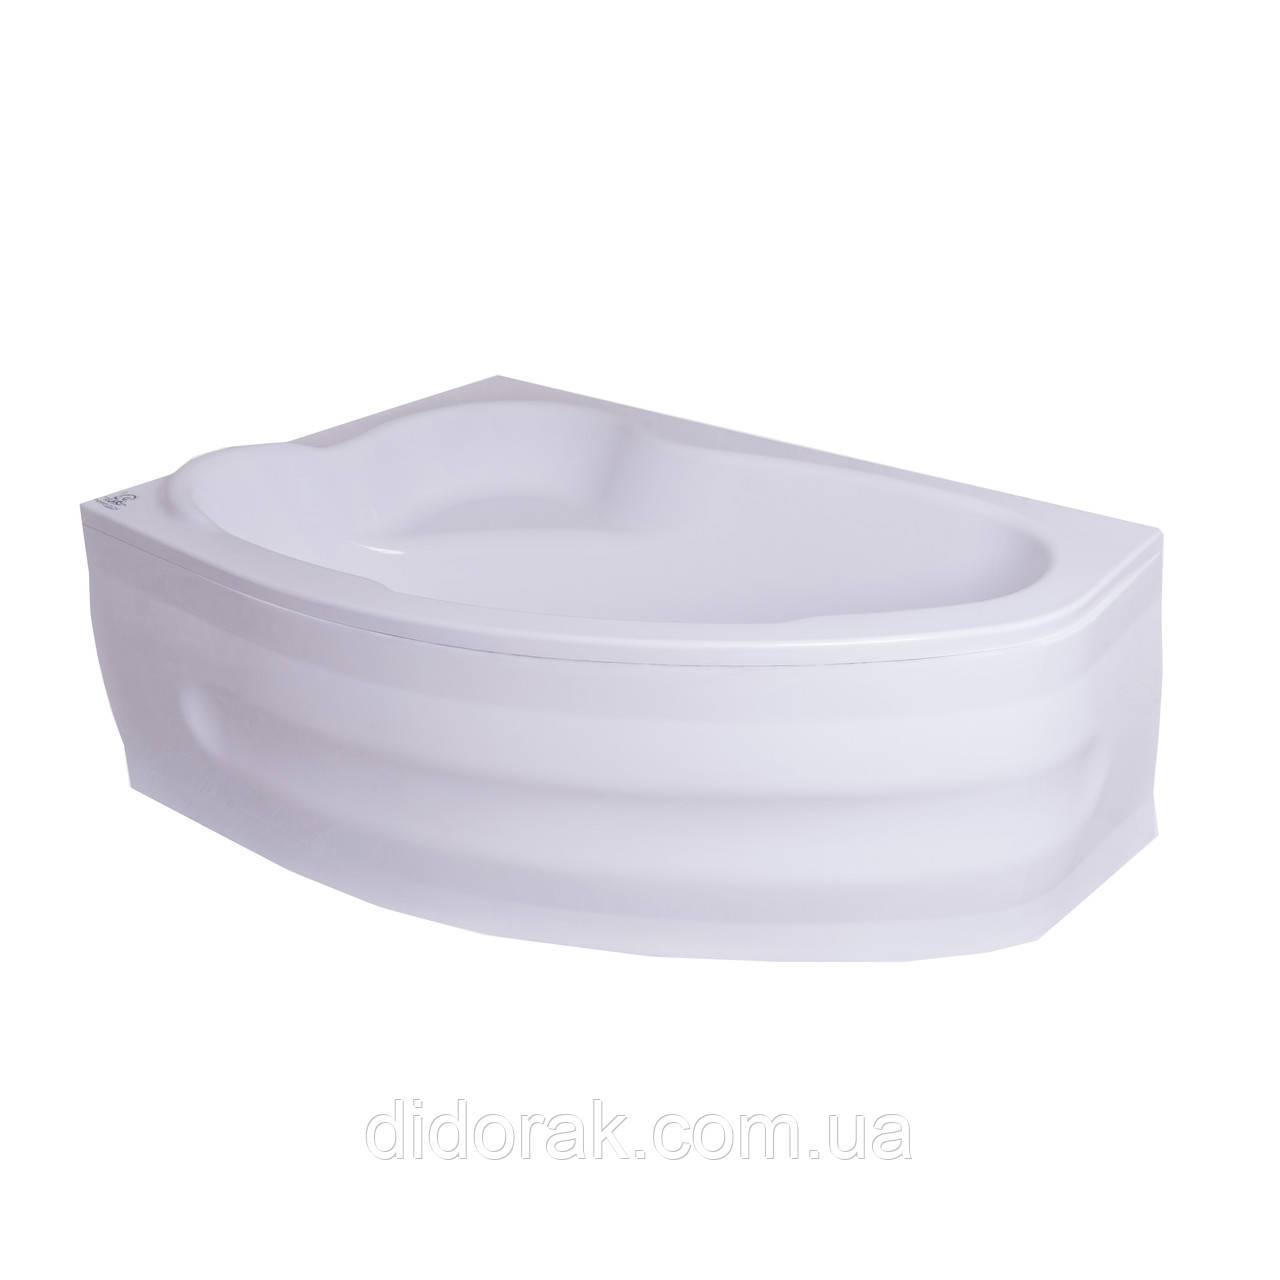 Угловая акриловая ванна Liora Lux 170*100 см, фото 1